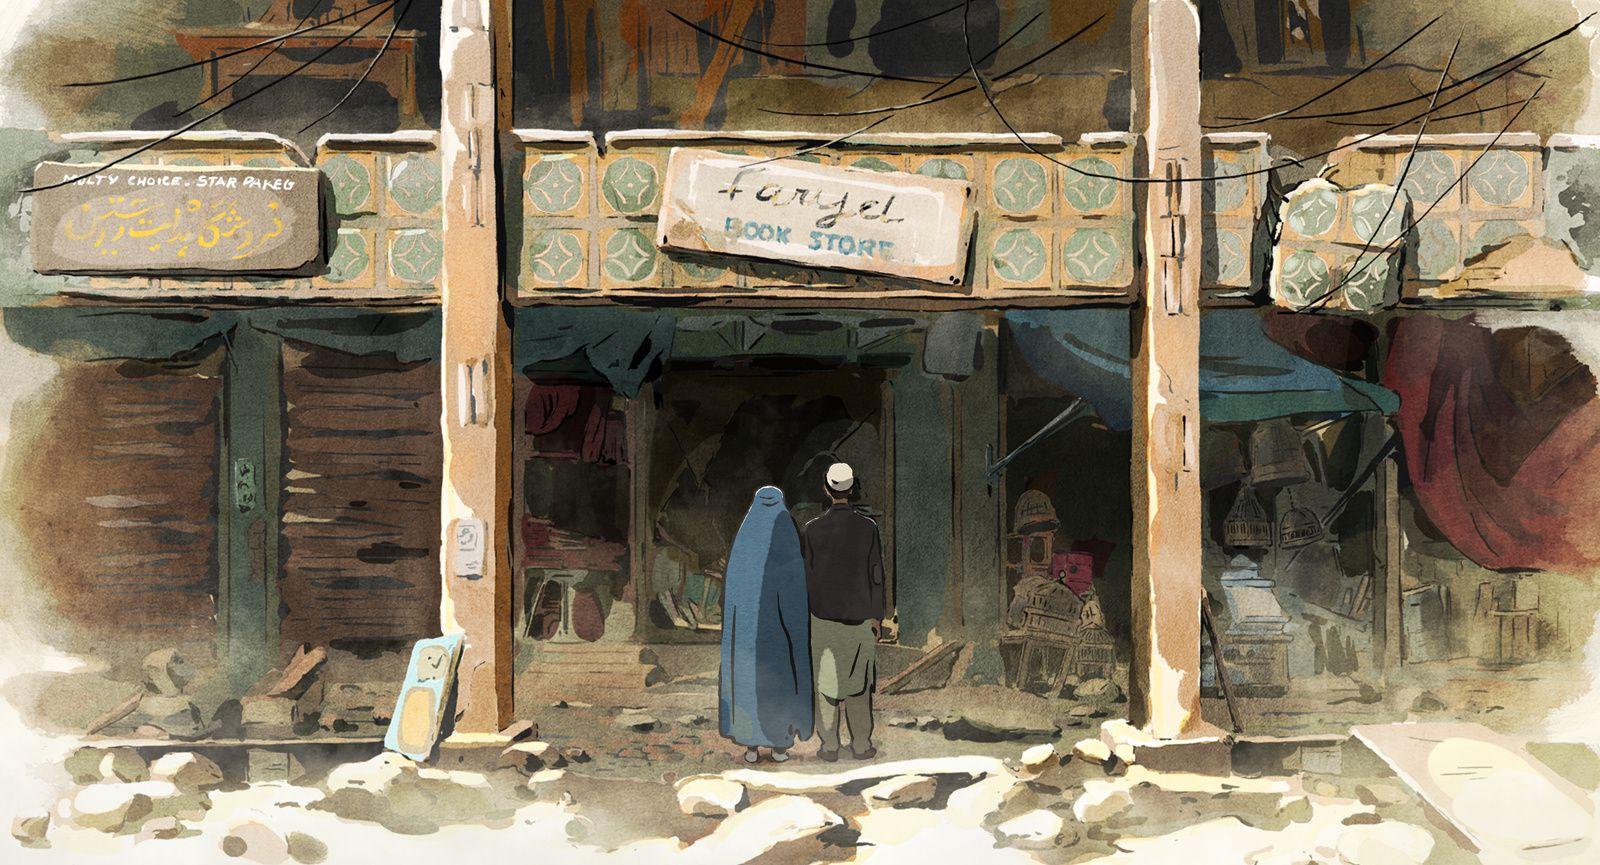 Les hirondelles de Kaboul (BANDE-ANNONCE) de Zabou Breitman et Eléa Gobbé-Mévellec - Le 4 septembre 2019 au cinéma